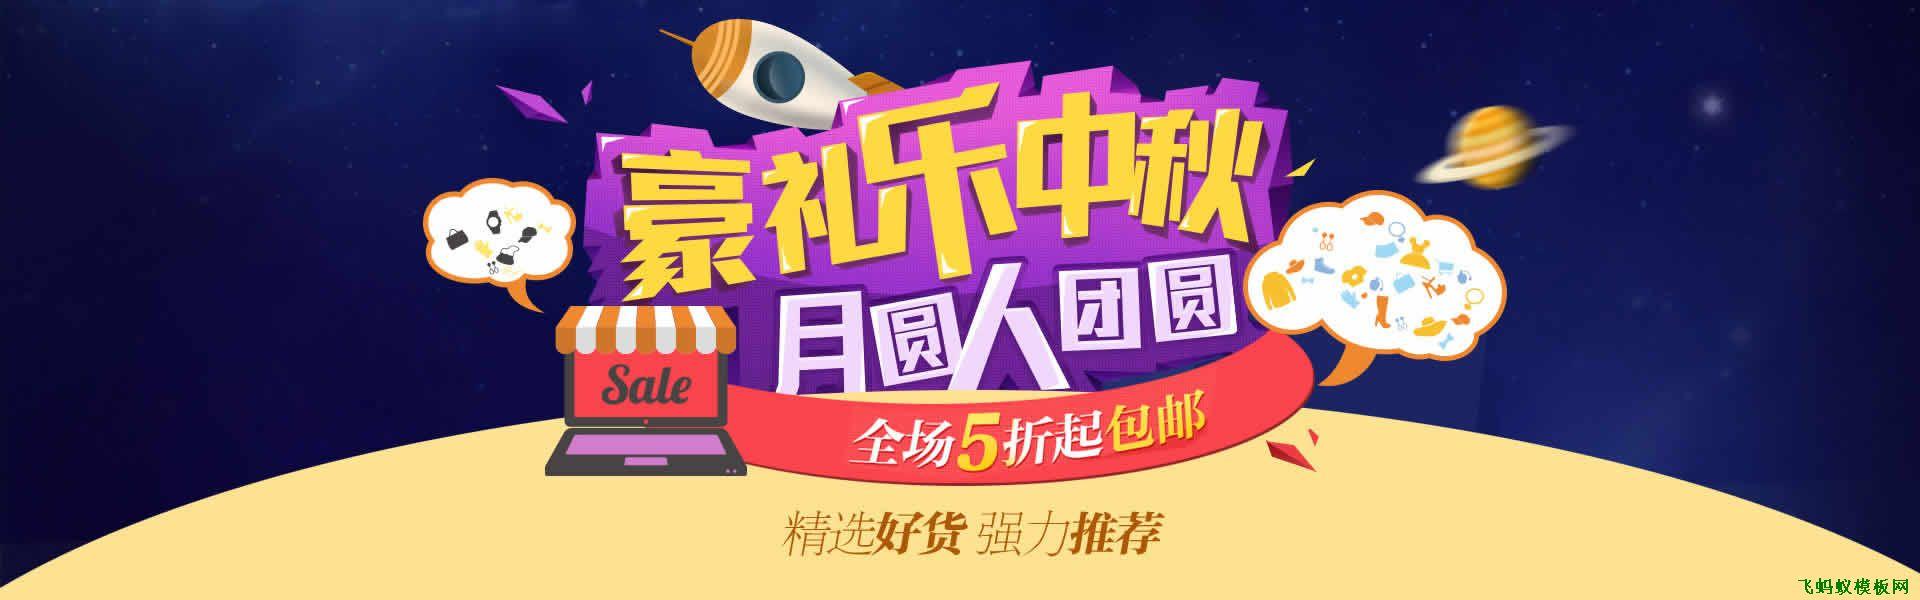 1920x600中秋节淘宝店铺装修全屏背景素材